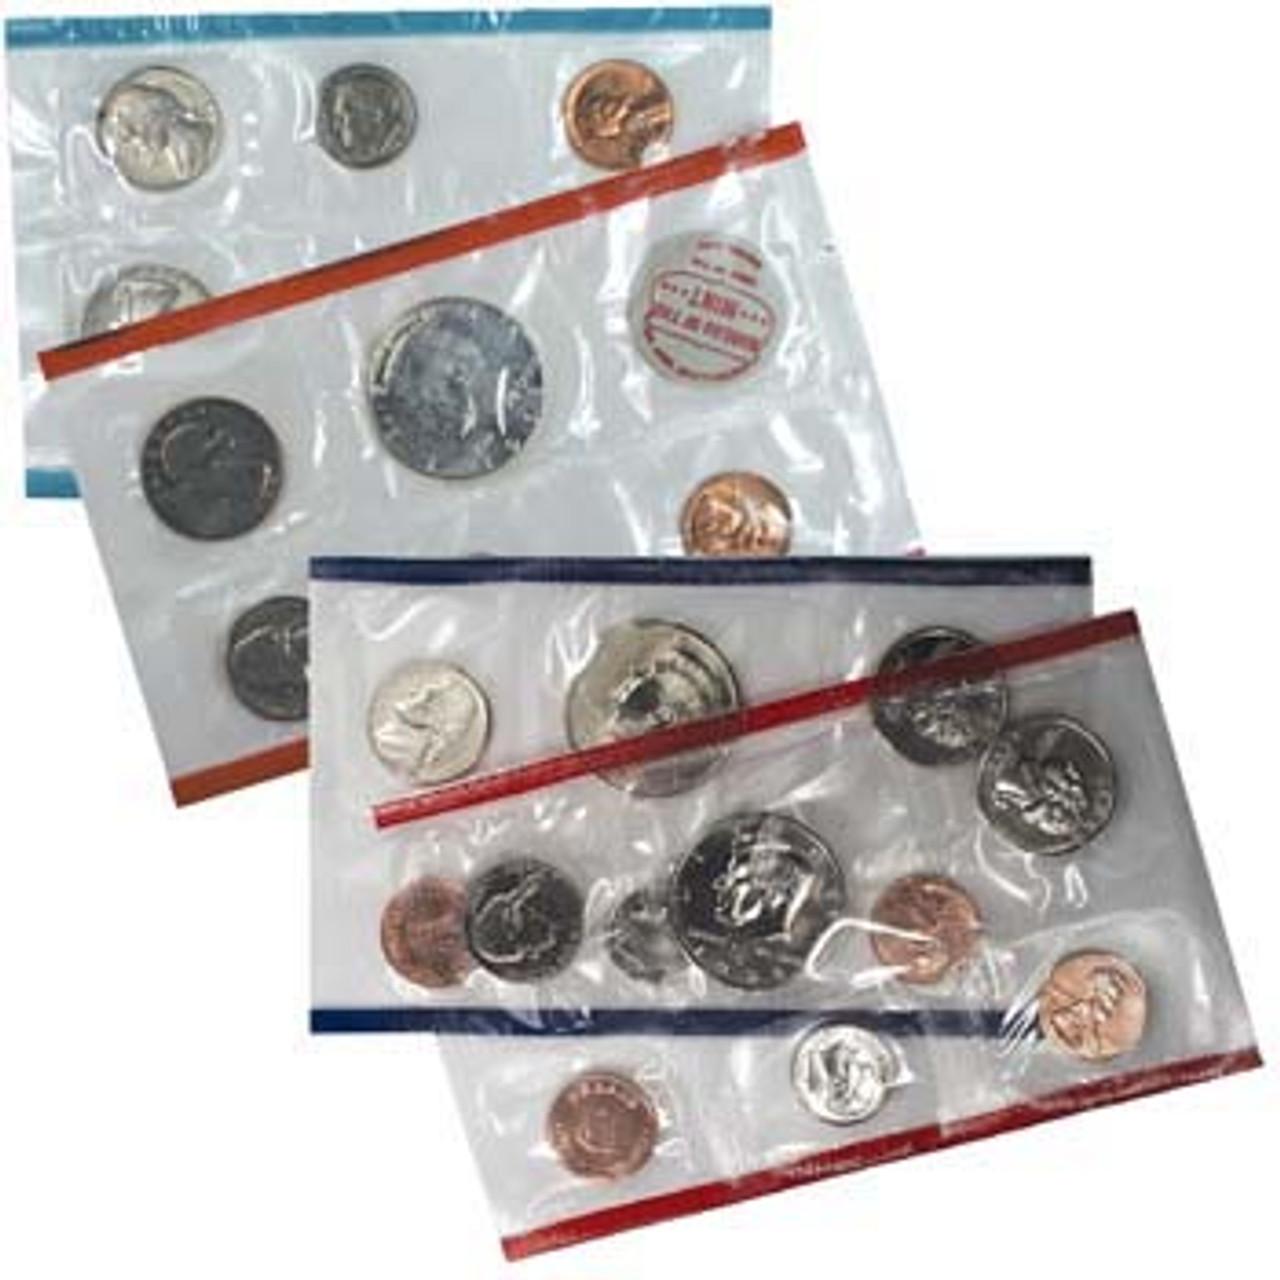 1968 & 1998 U.S. Mint Sets